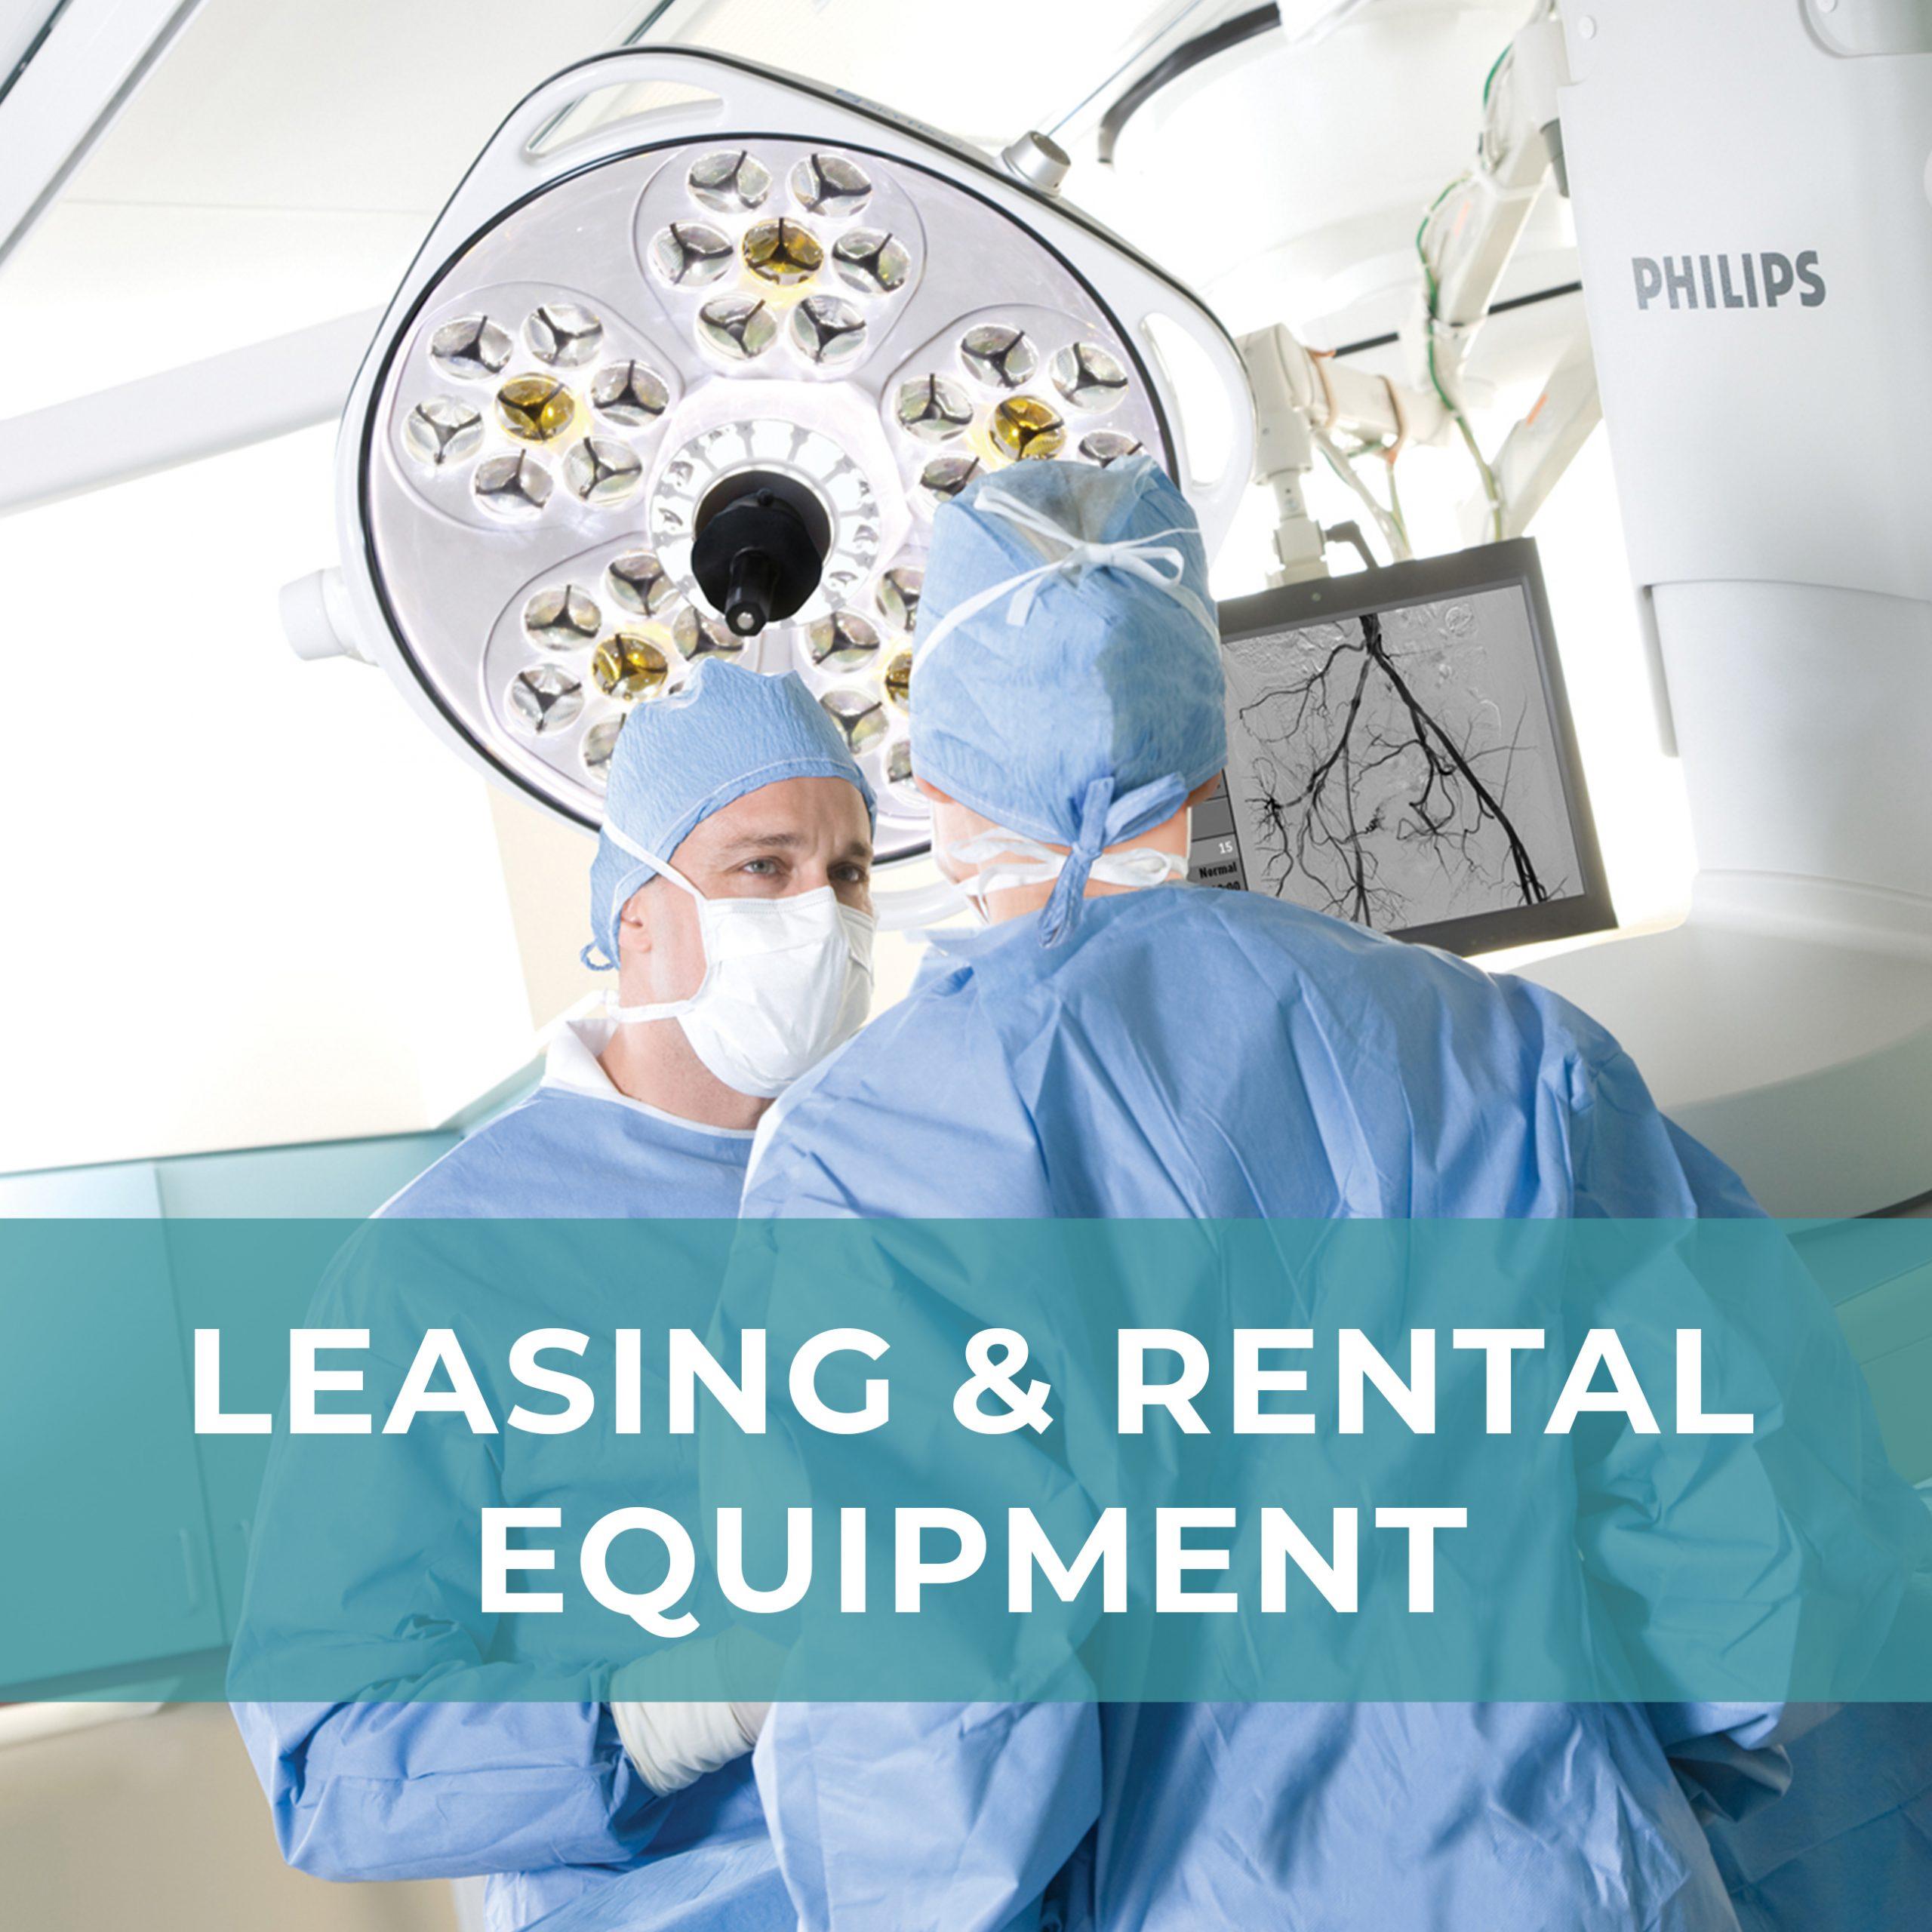 Leasing & Rental